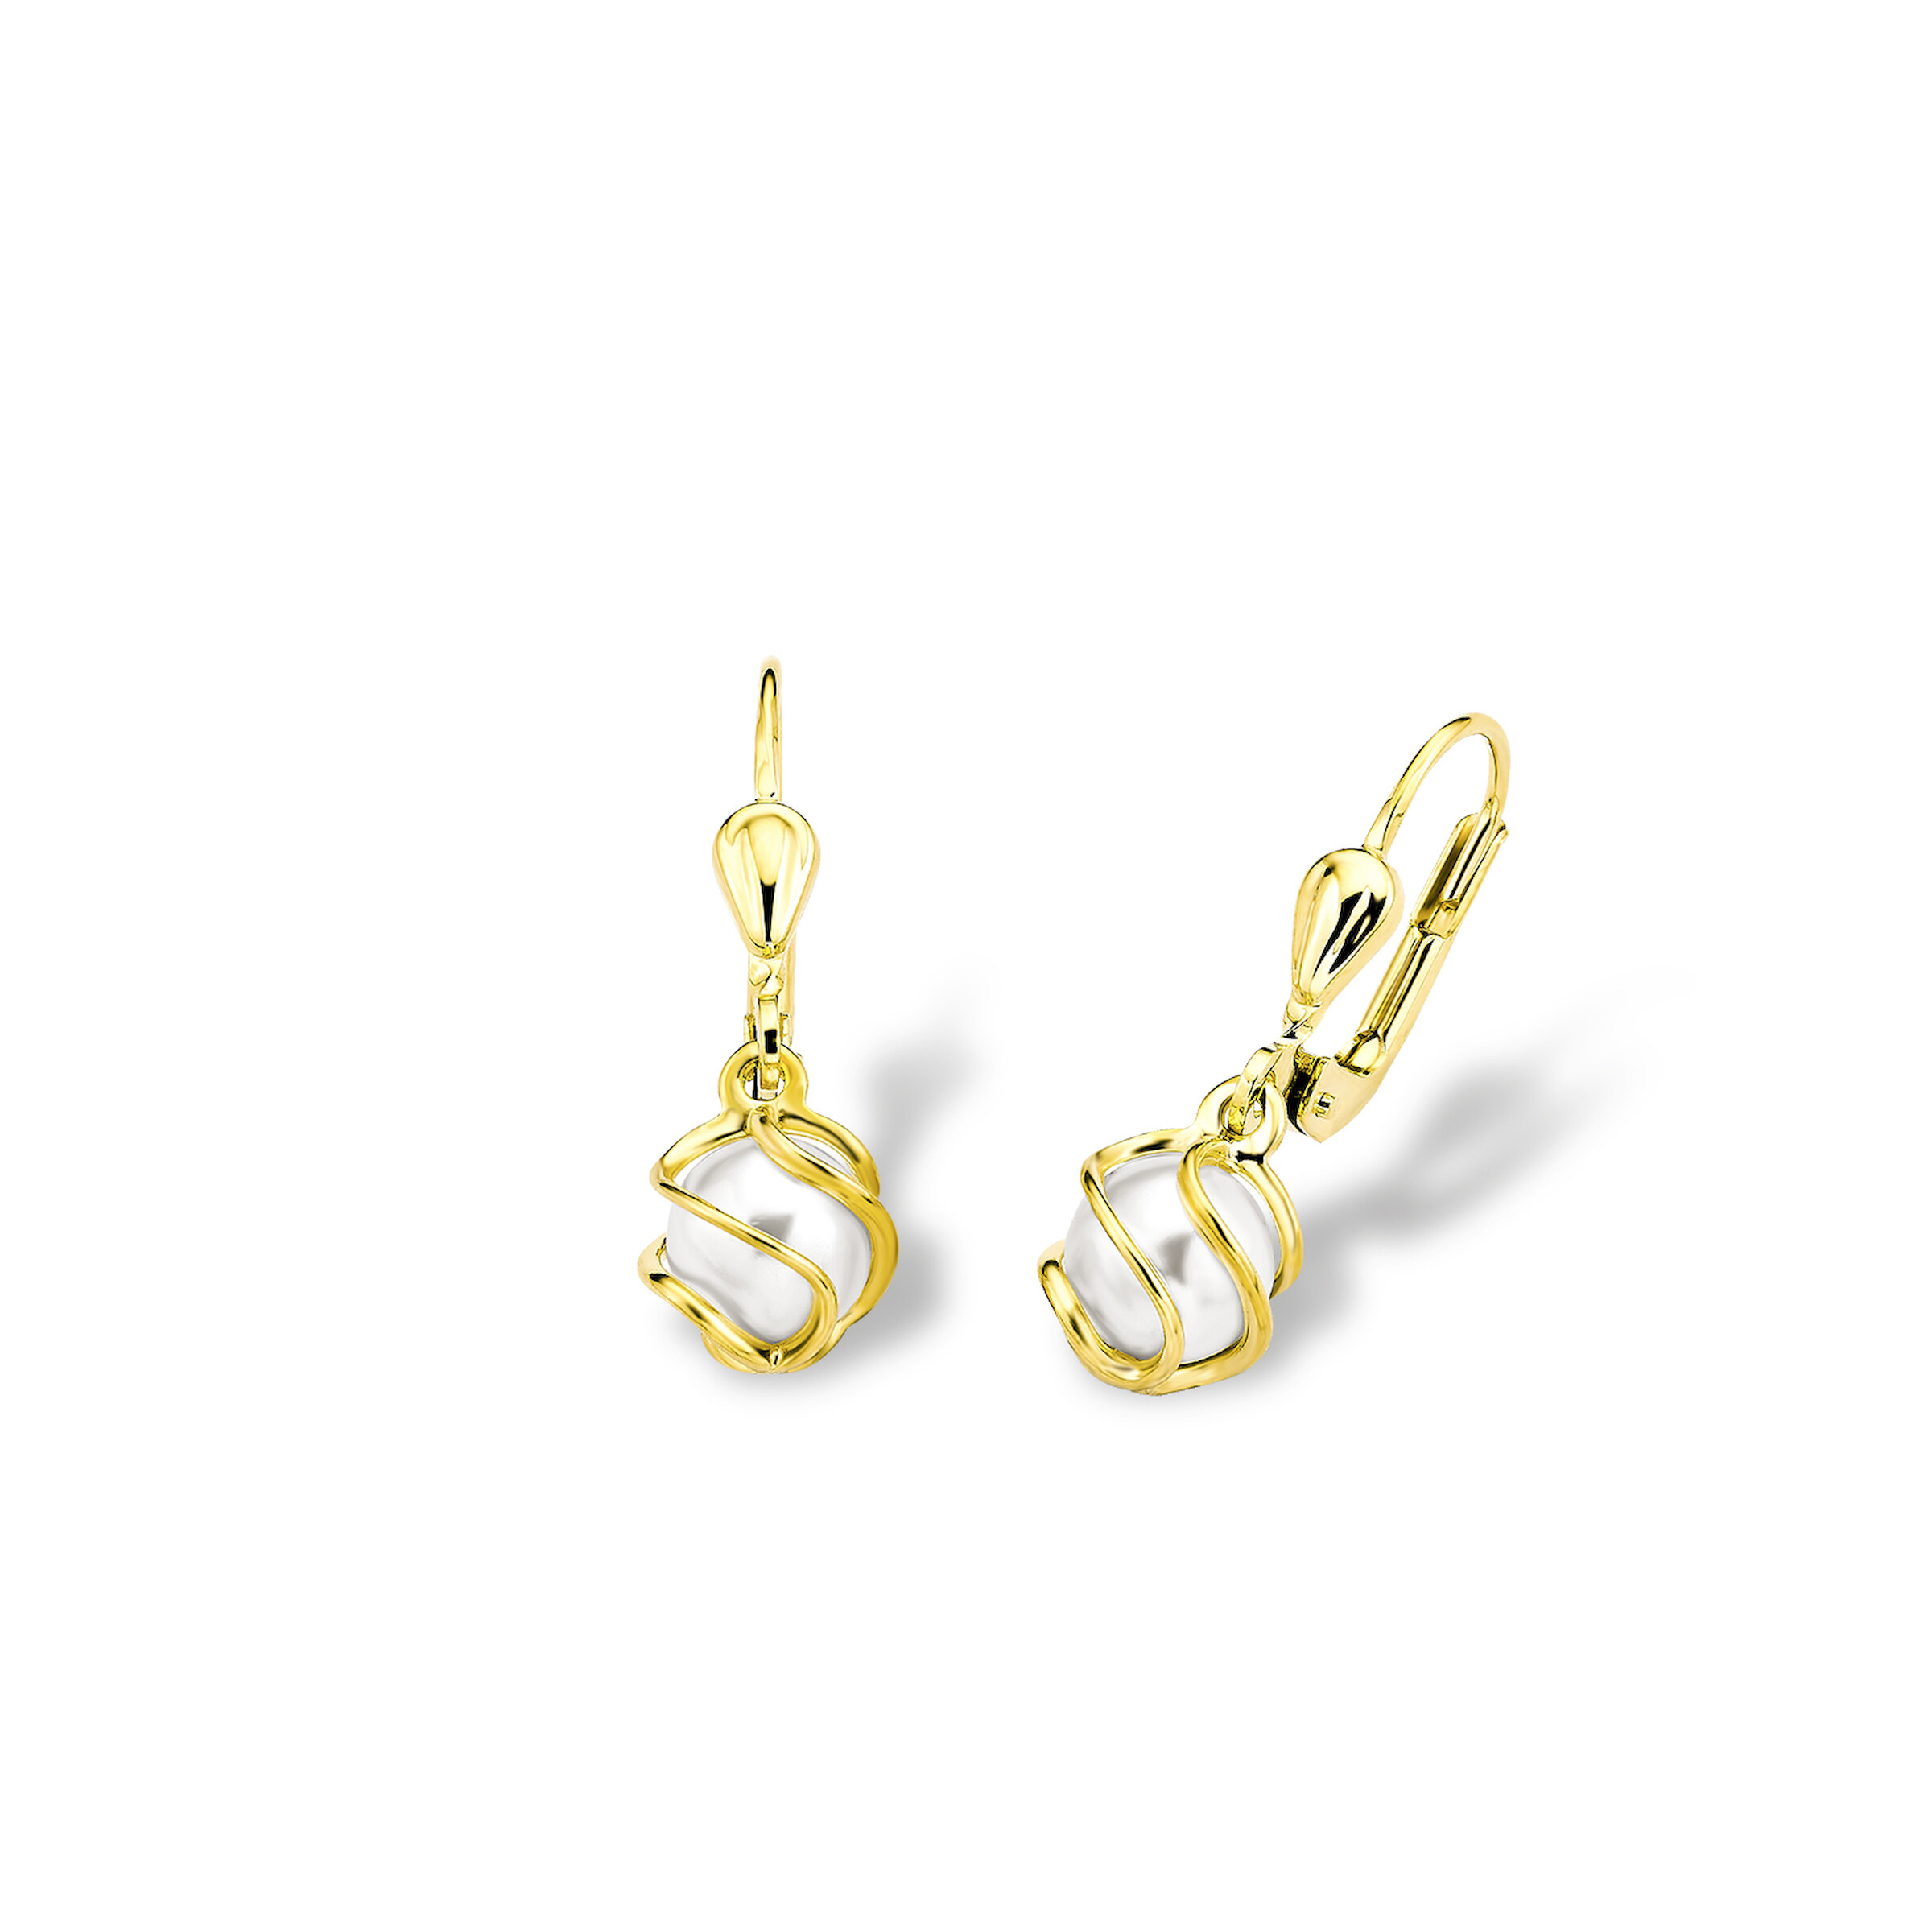 Ohrhänger für Damen, Gold 375, Wachsperle